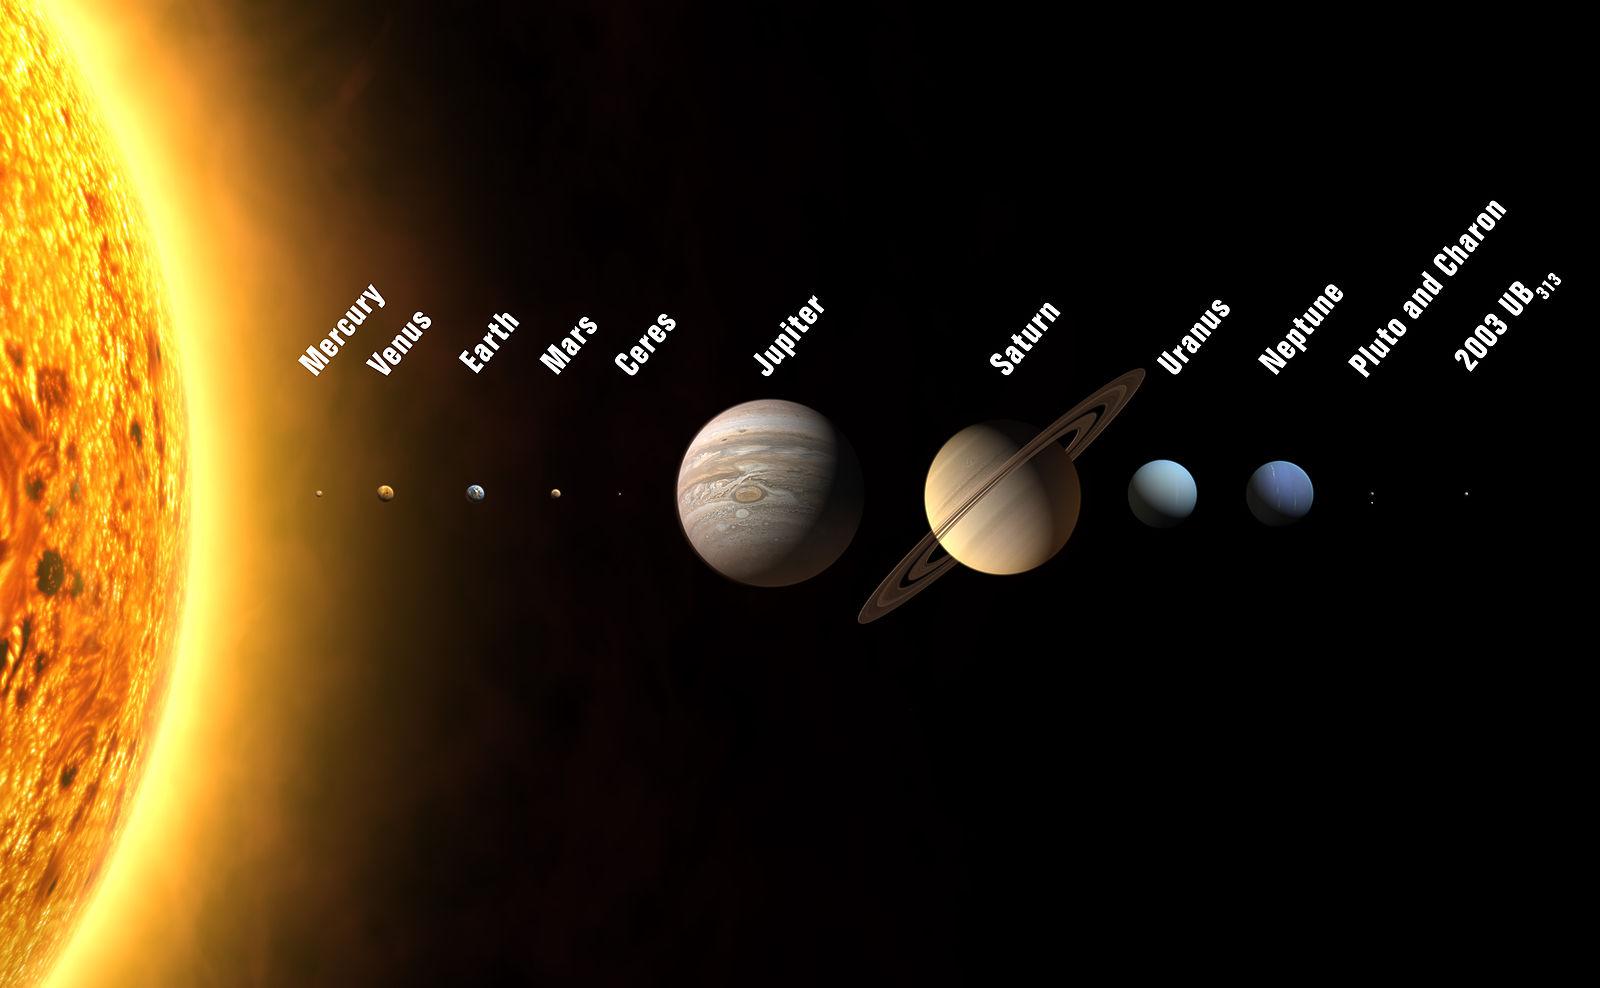 """Jupiter and Saturn Will Form A Rare """"Winter Star"""" On December 21, 2020"""